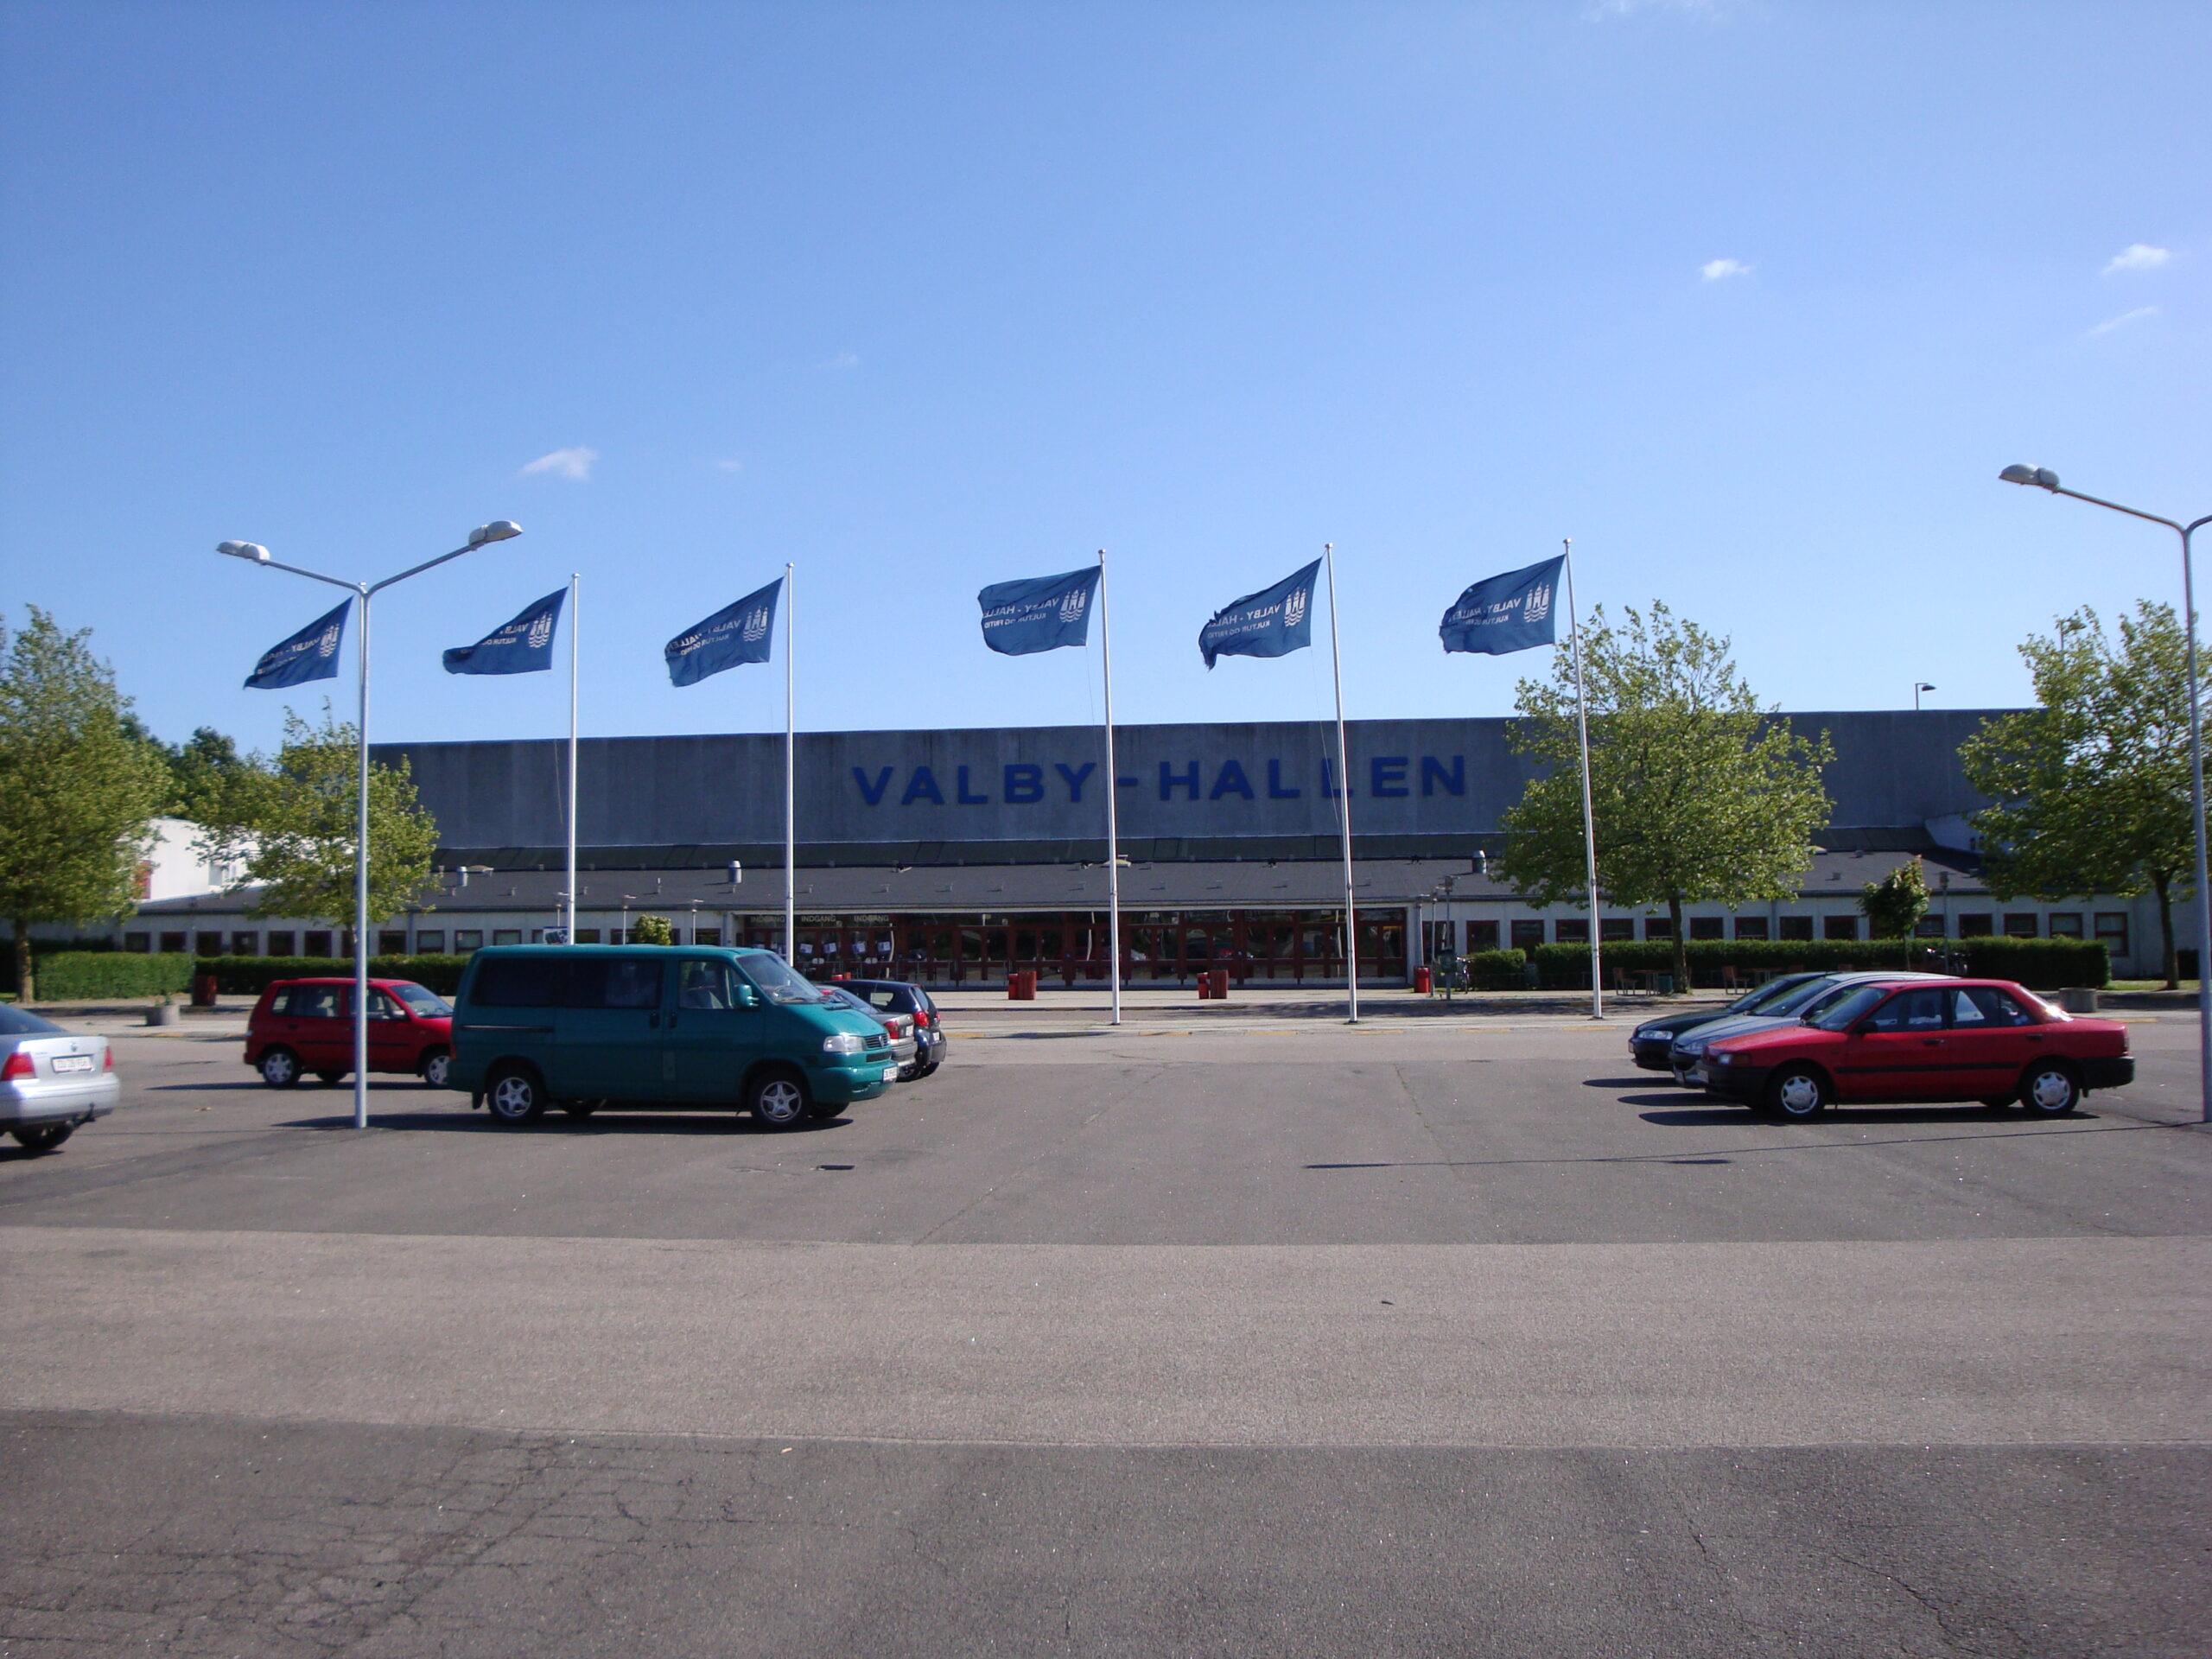 DK_Valby-Hallen_2